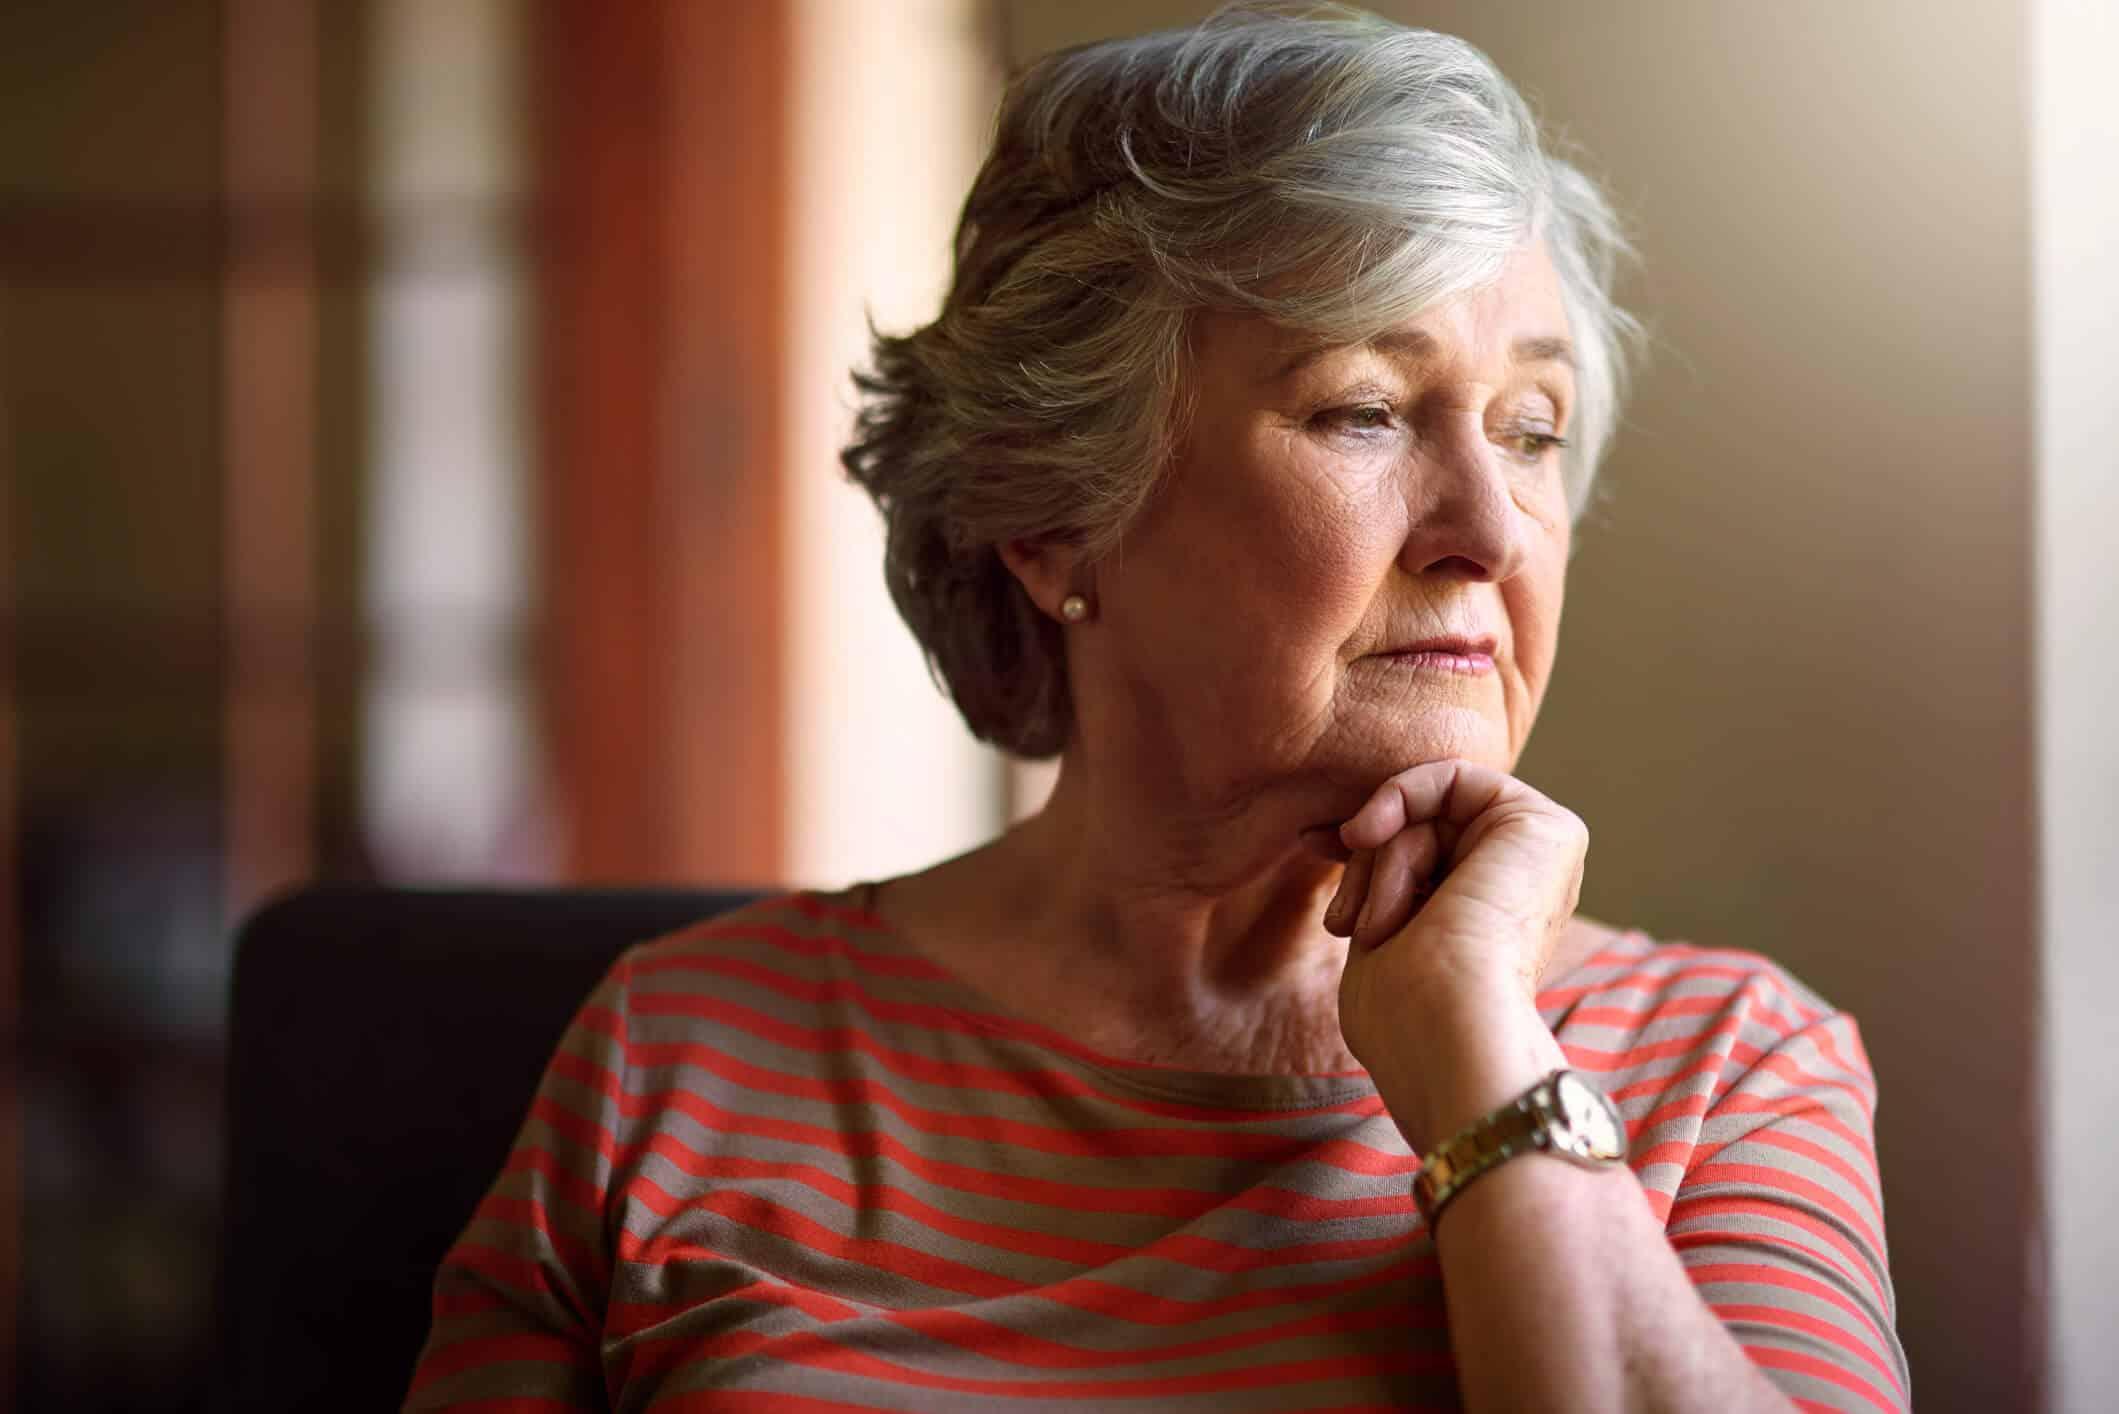 Sinais de demência